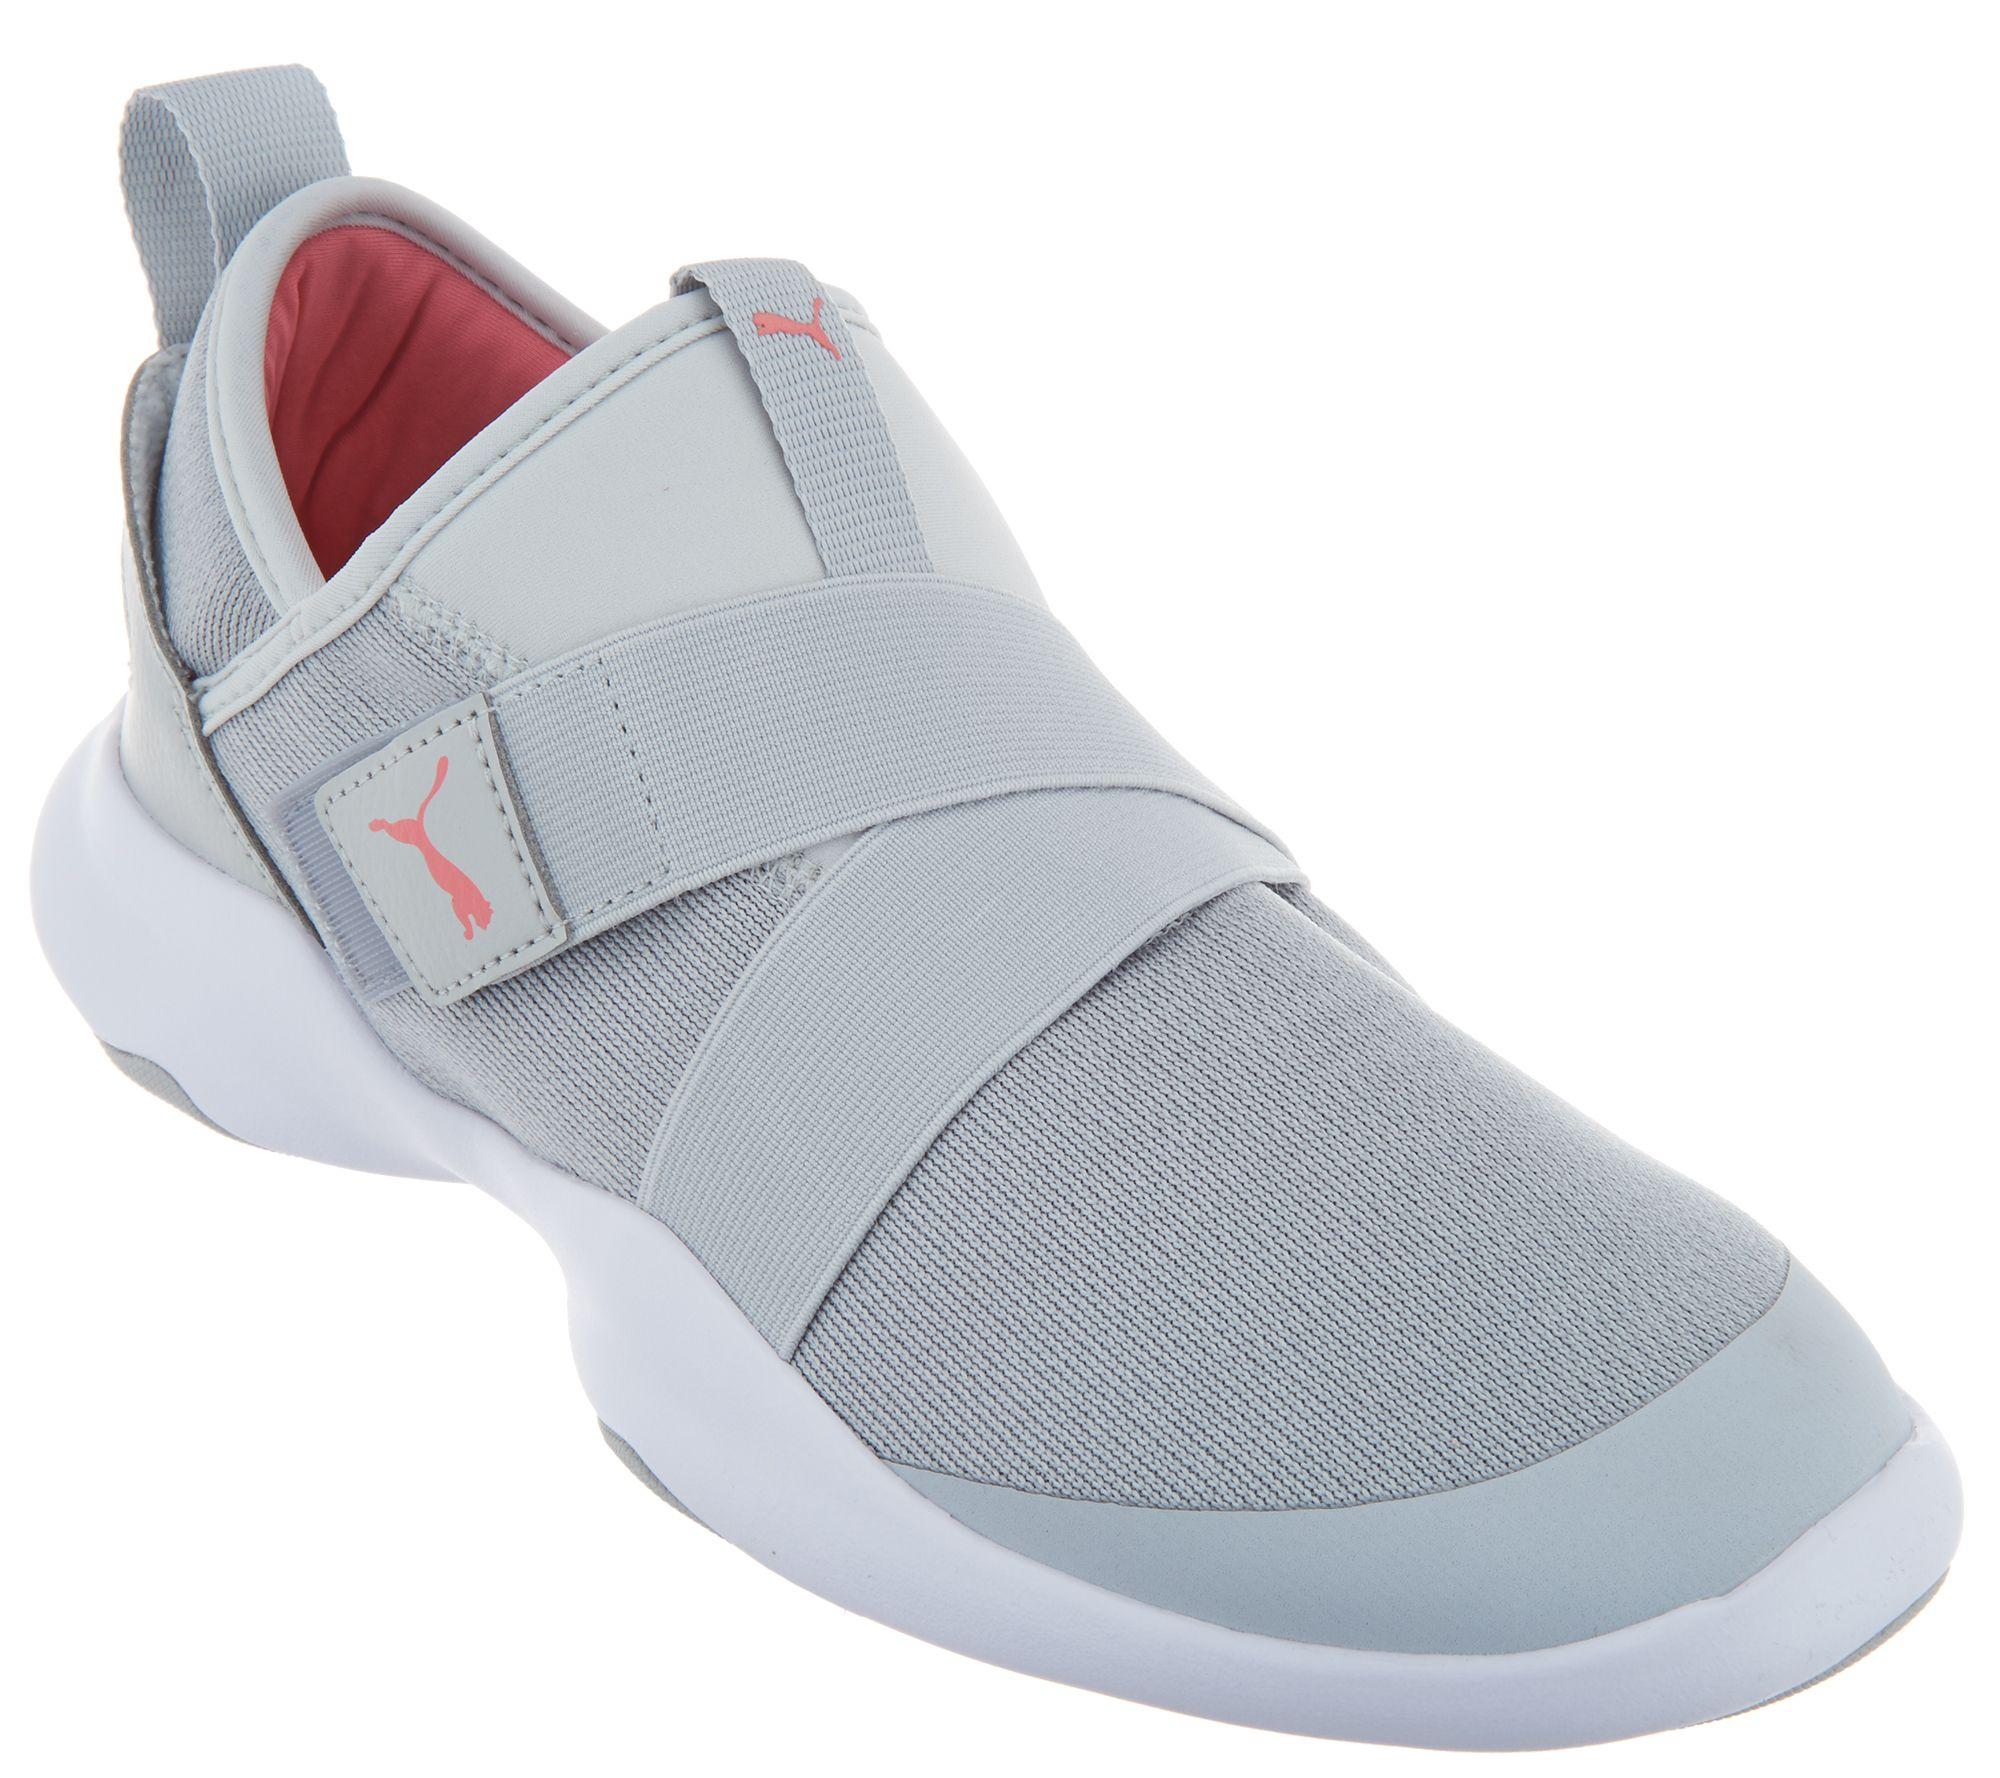 1c8e3d2c448 Puma Mesh Slip-On Sneakers - Dare AC - Page 1 — QVC.com